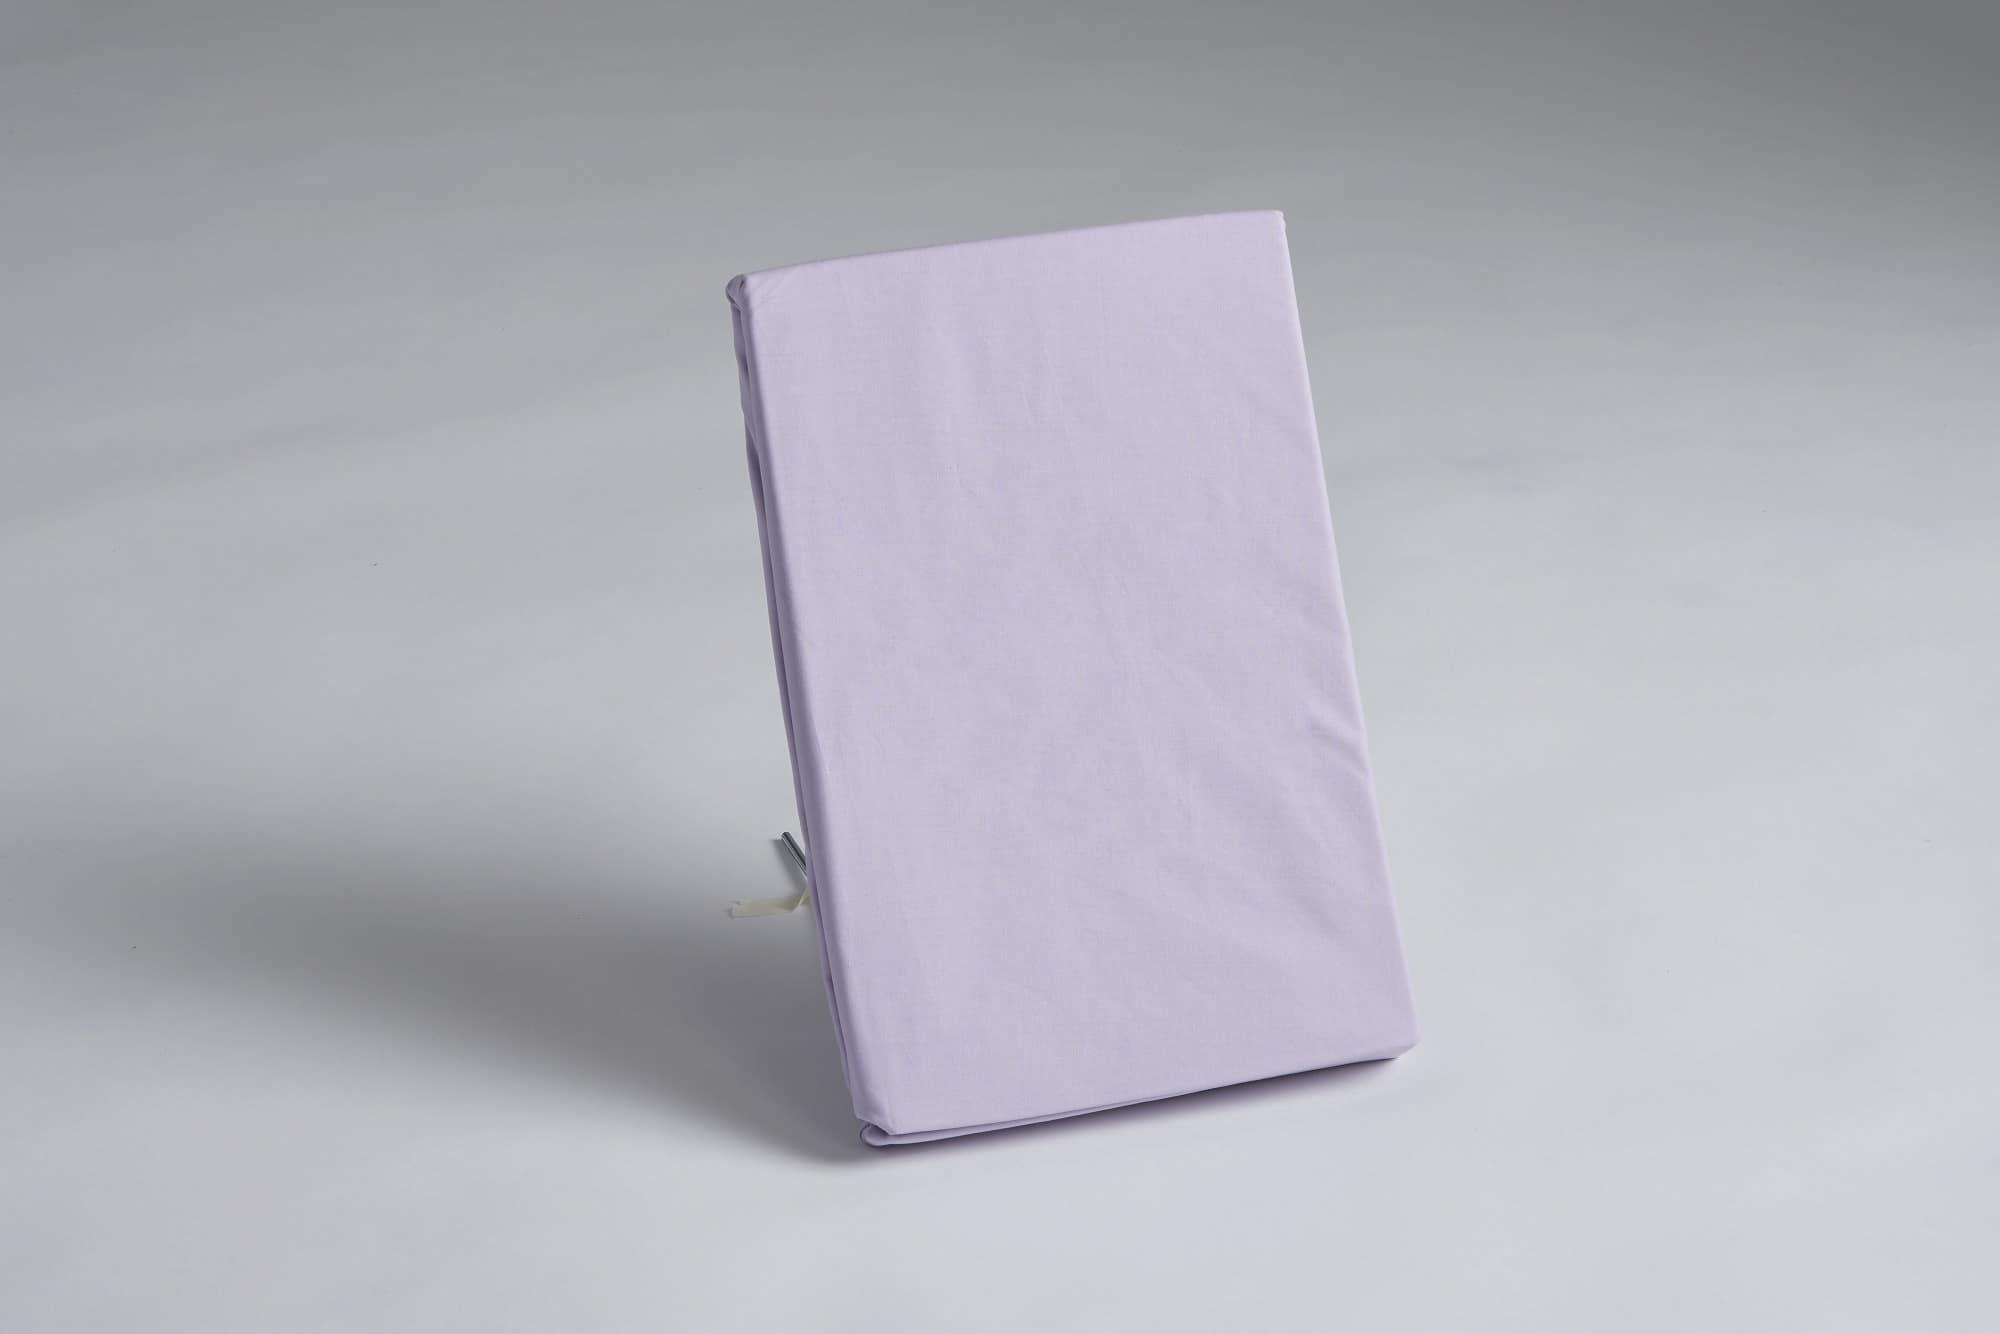 ボックスシーツ キング2用 36H パープル:《綿100%を使用したボックスシーツ》